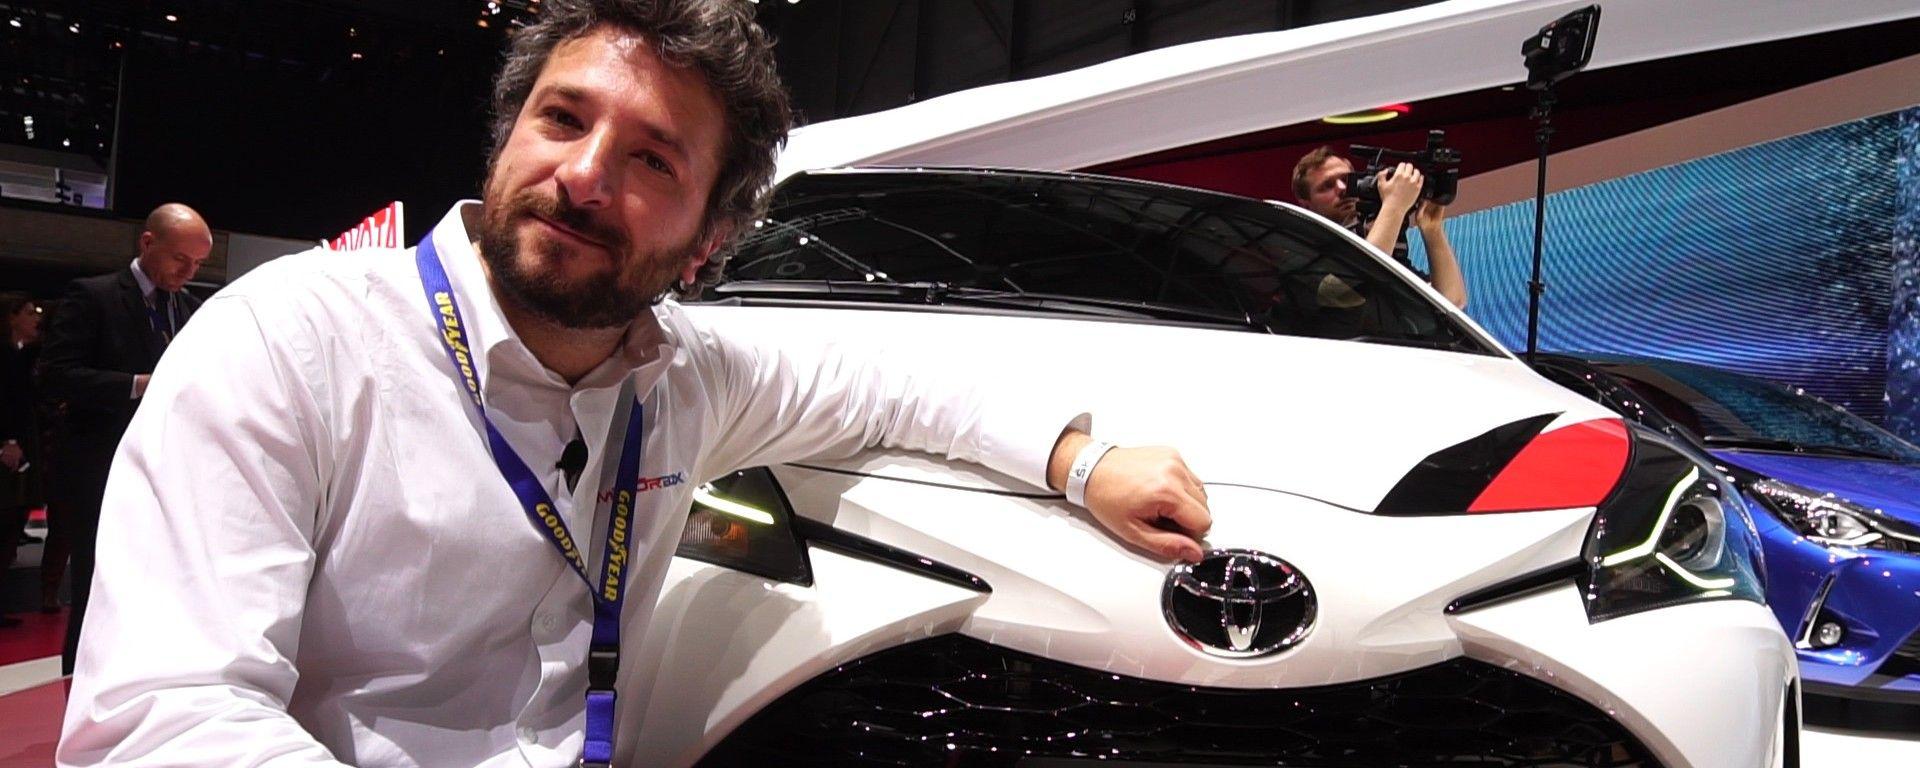 Toyota Yaris GRMN e Hybrid: in video dal Salone di Ginevra 2017